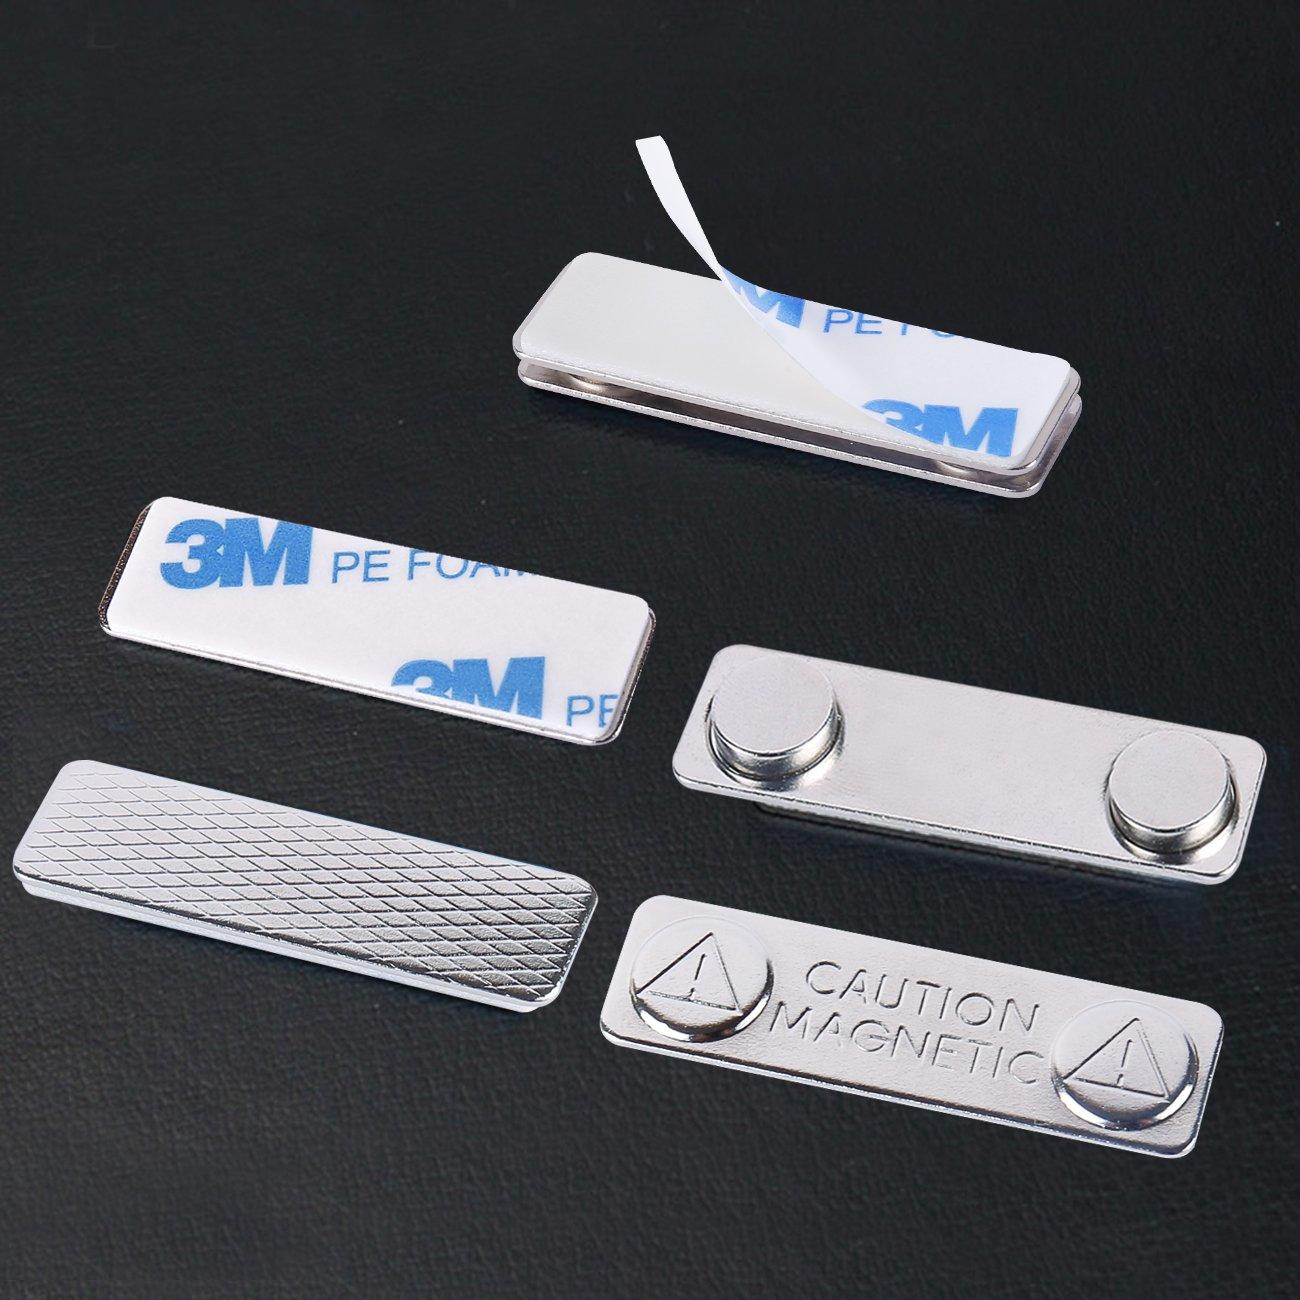 fermeture avec adh/ésif 3/m sur plaque avant force Aimants en n/éodyme magn/étique solide porte-badges avec plaque arri/ère en acier Lot de 24/balises Nom//ID badge Aimants